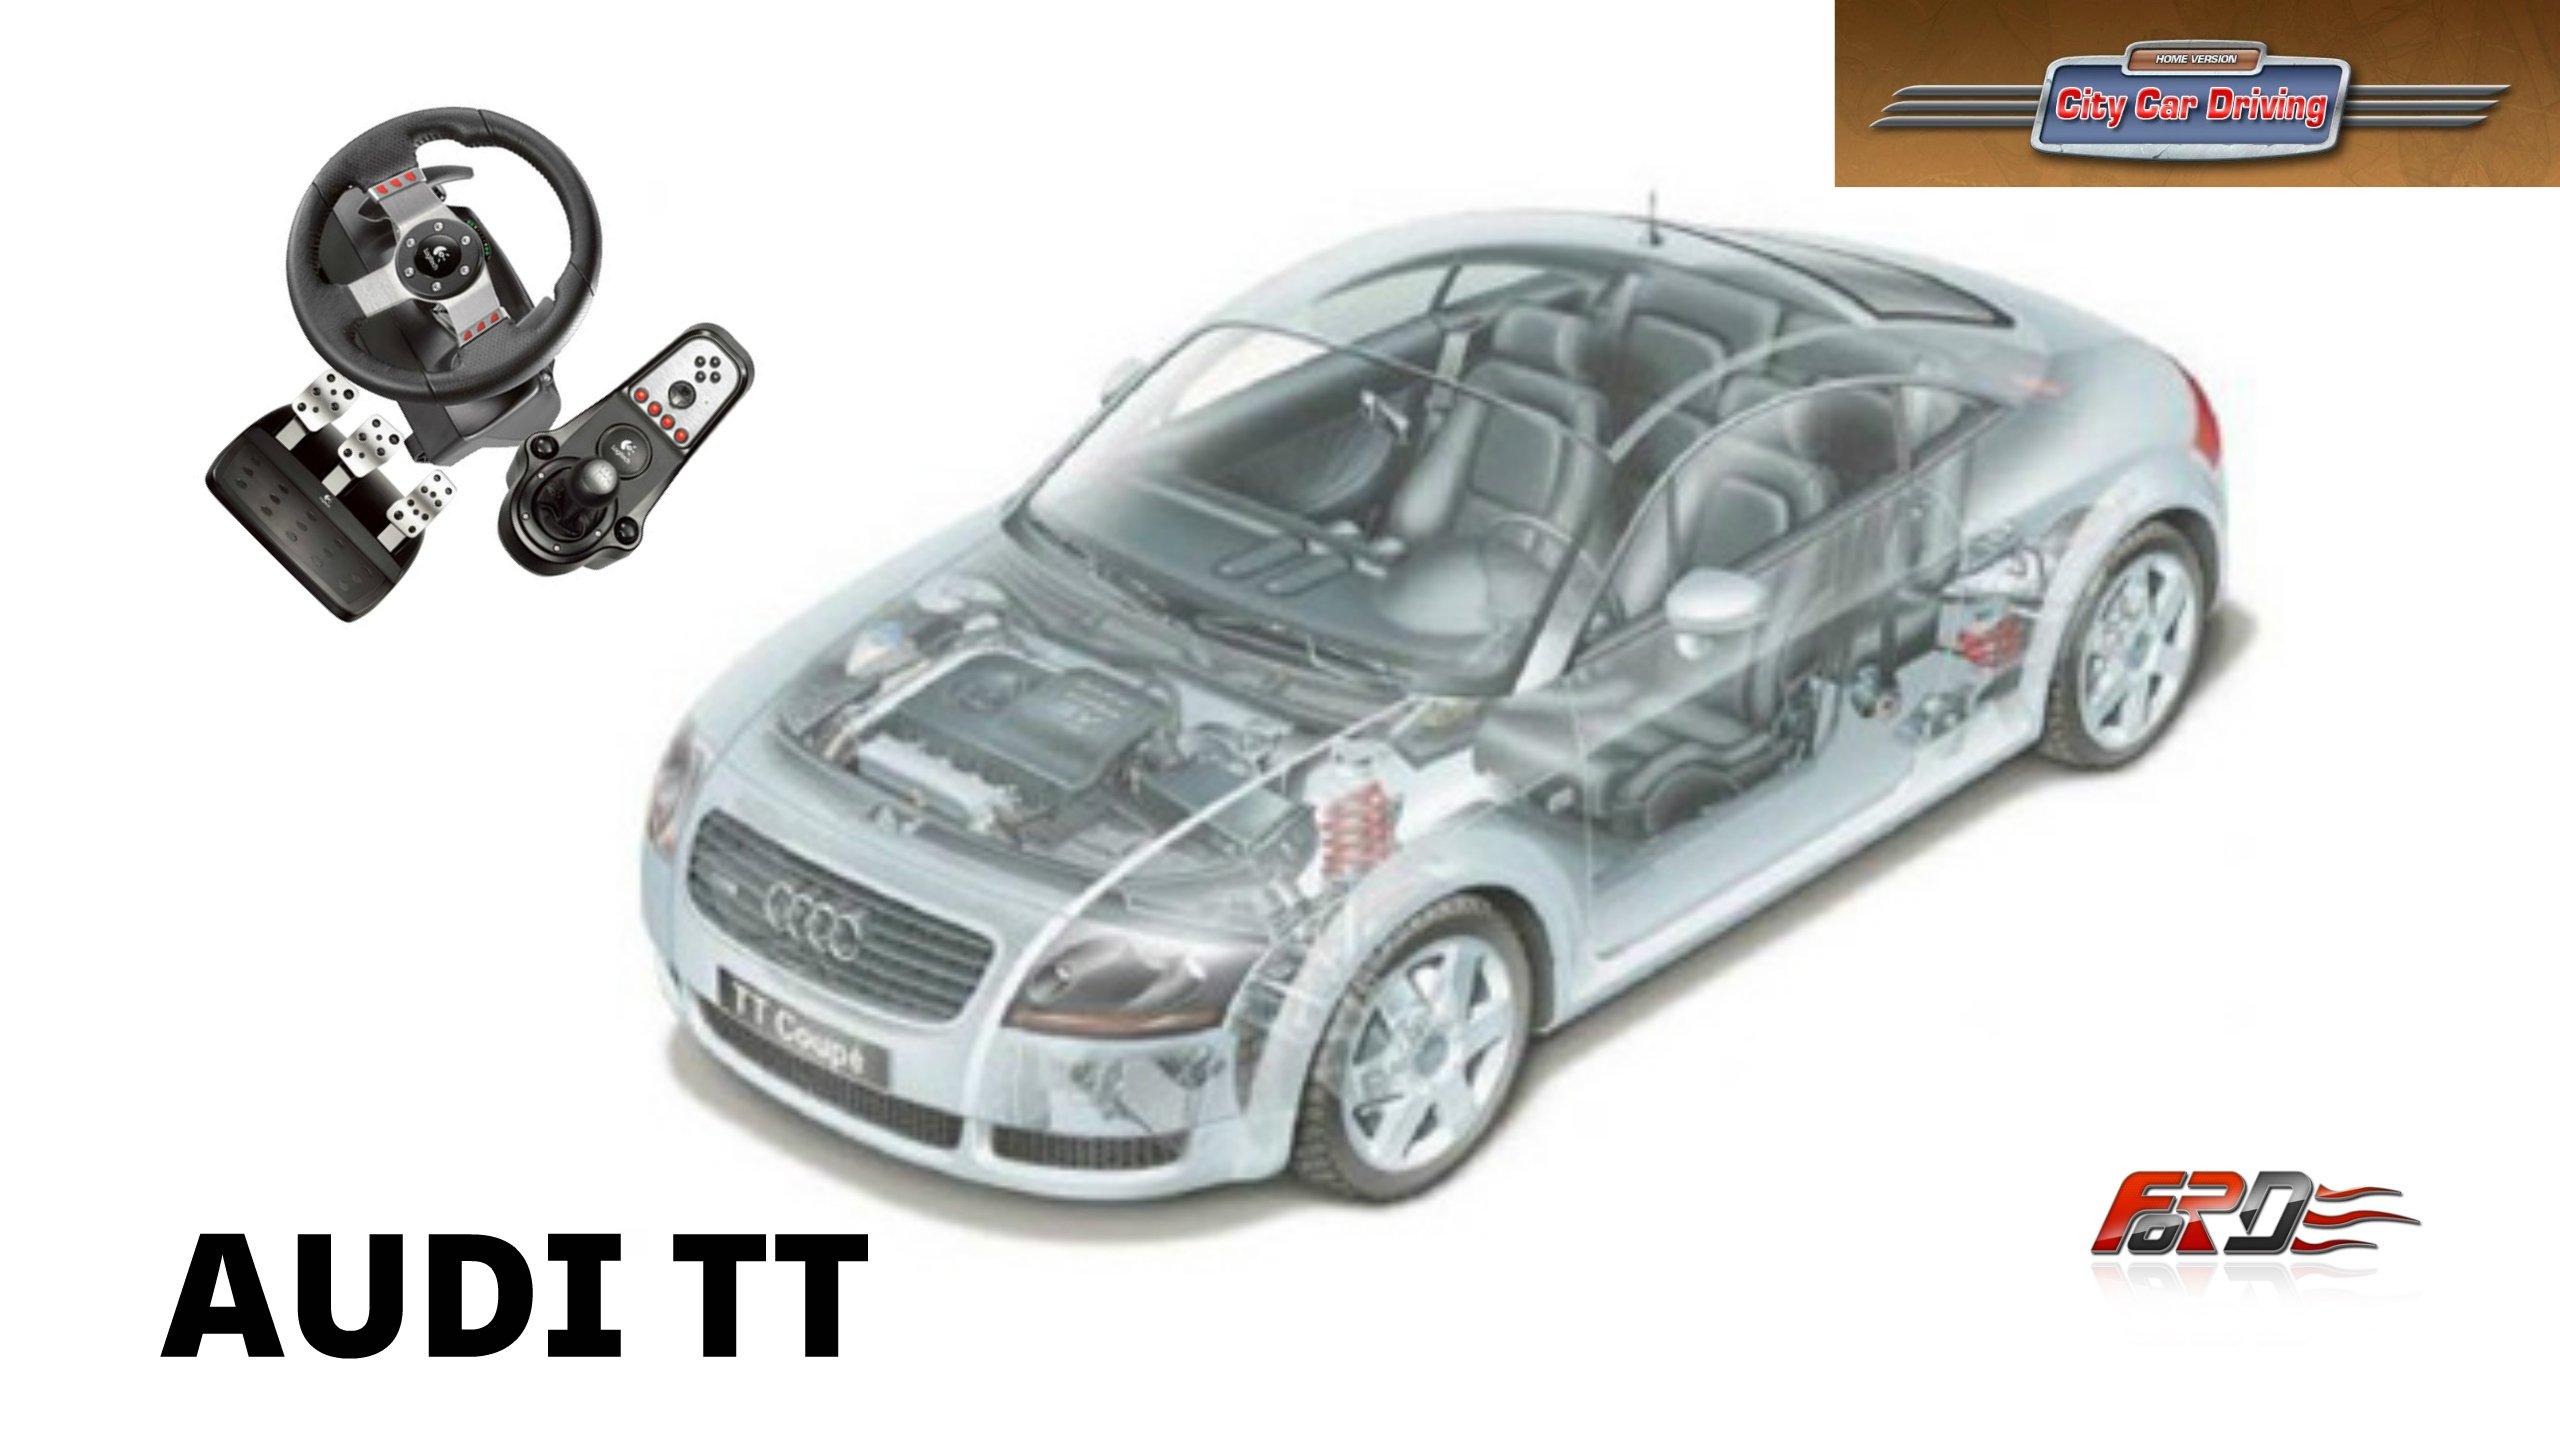 [ AUDI TT ] - тест-драйв, обзор спортивного купе автомобиля для города в City Car Driving  - Изображение 1